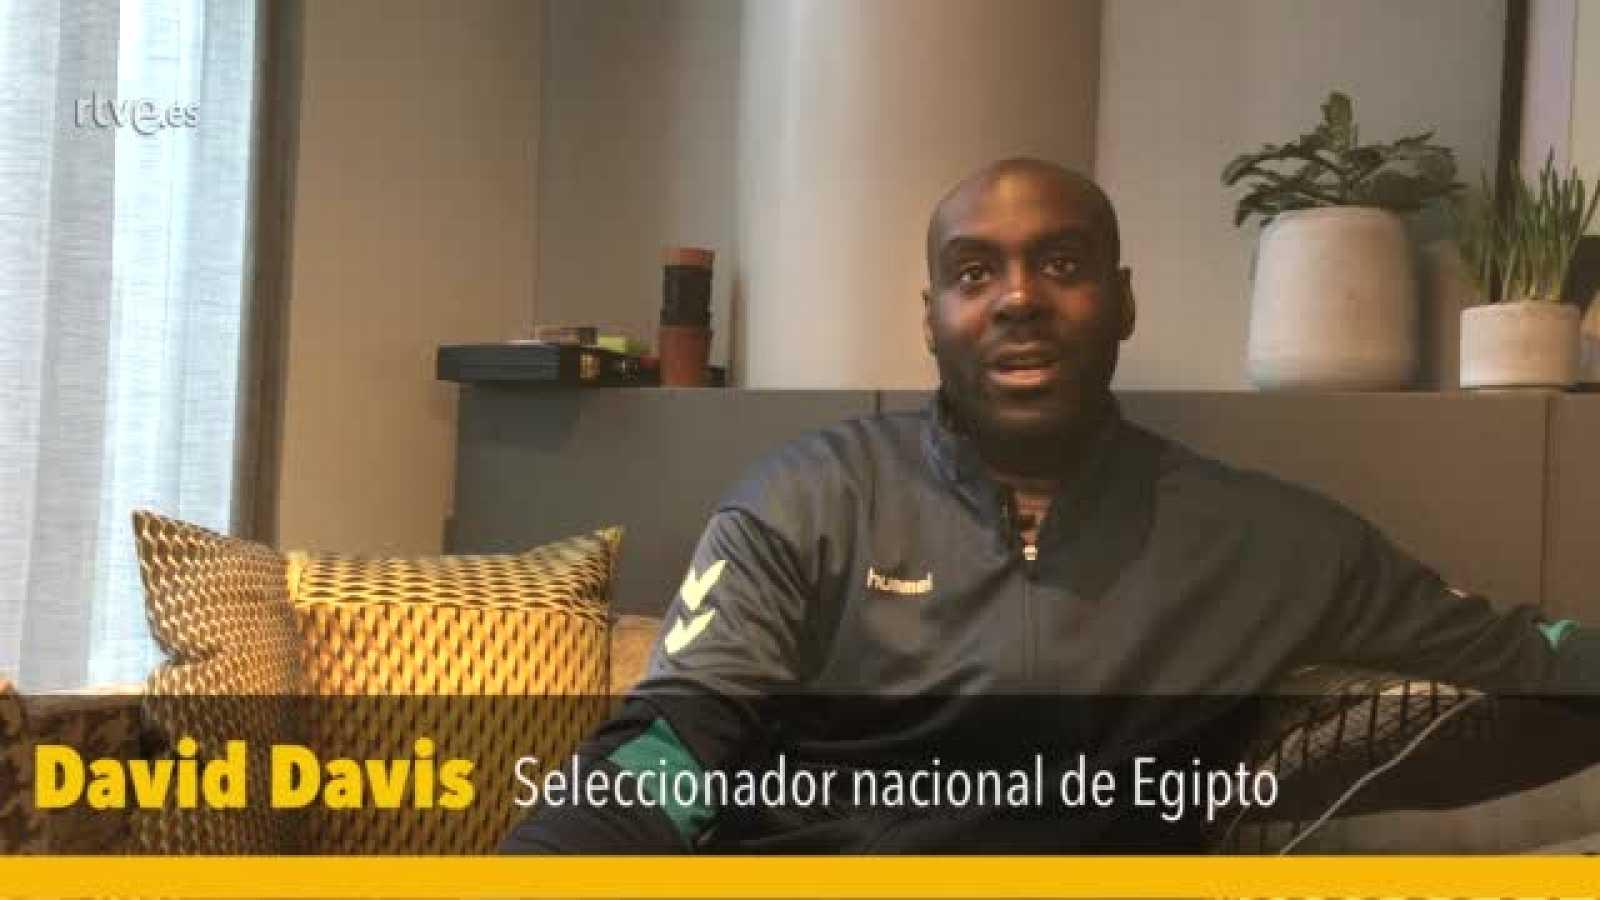 El seleccionador de Egipto analiza el partido que enfrentará a su combinado contra España, con la séptima plaza en juego.